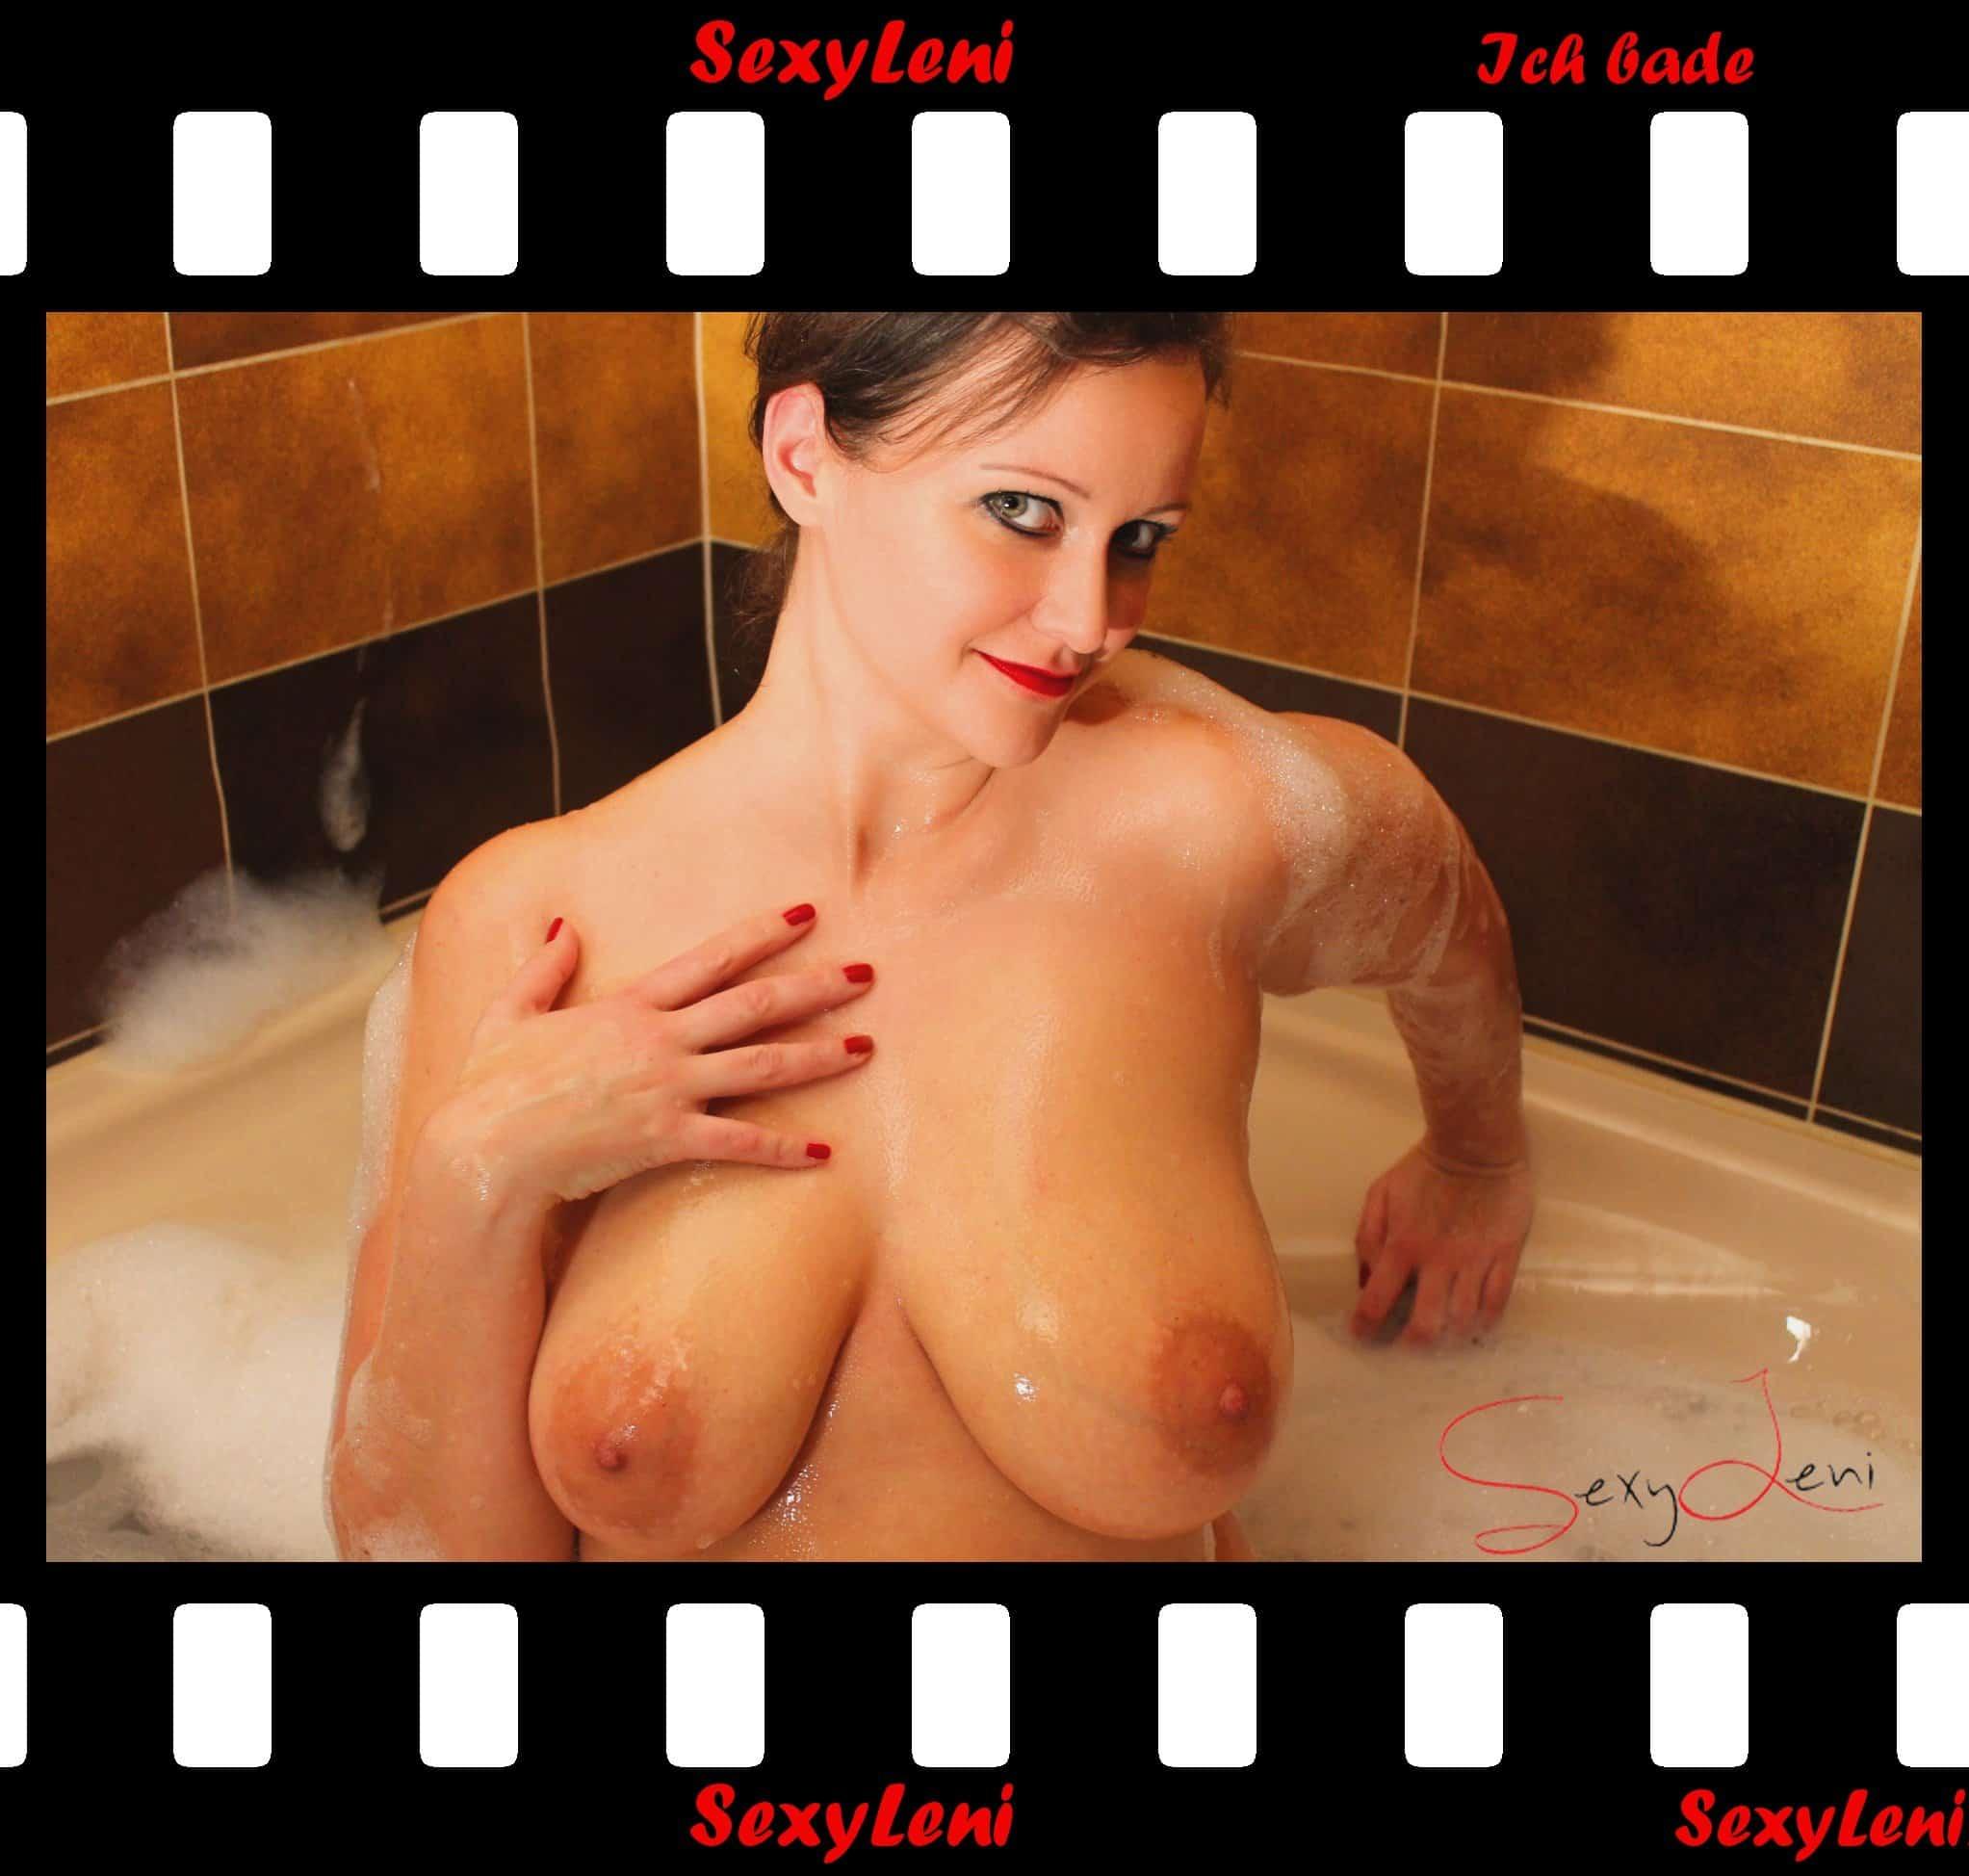 Tolle Bilder von SexyLeni